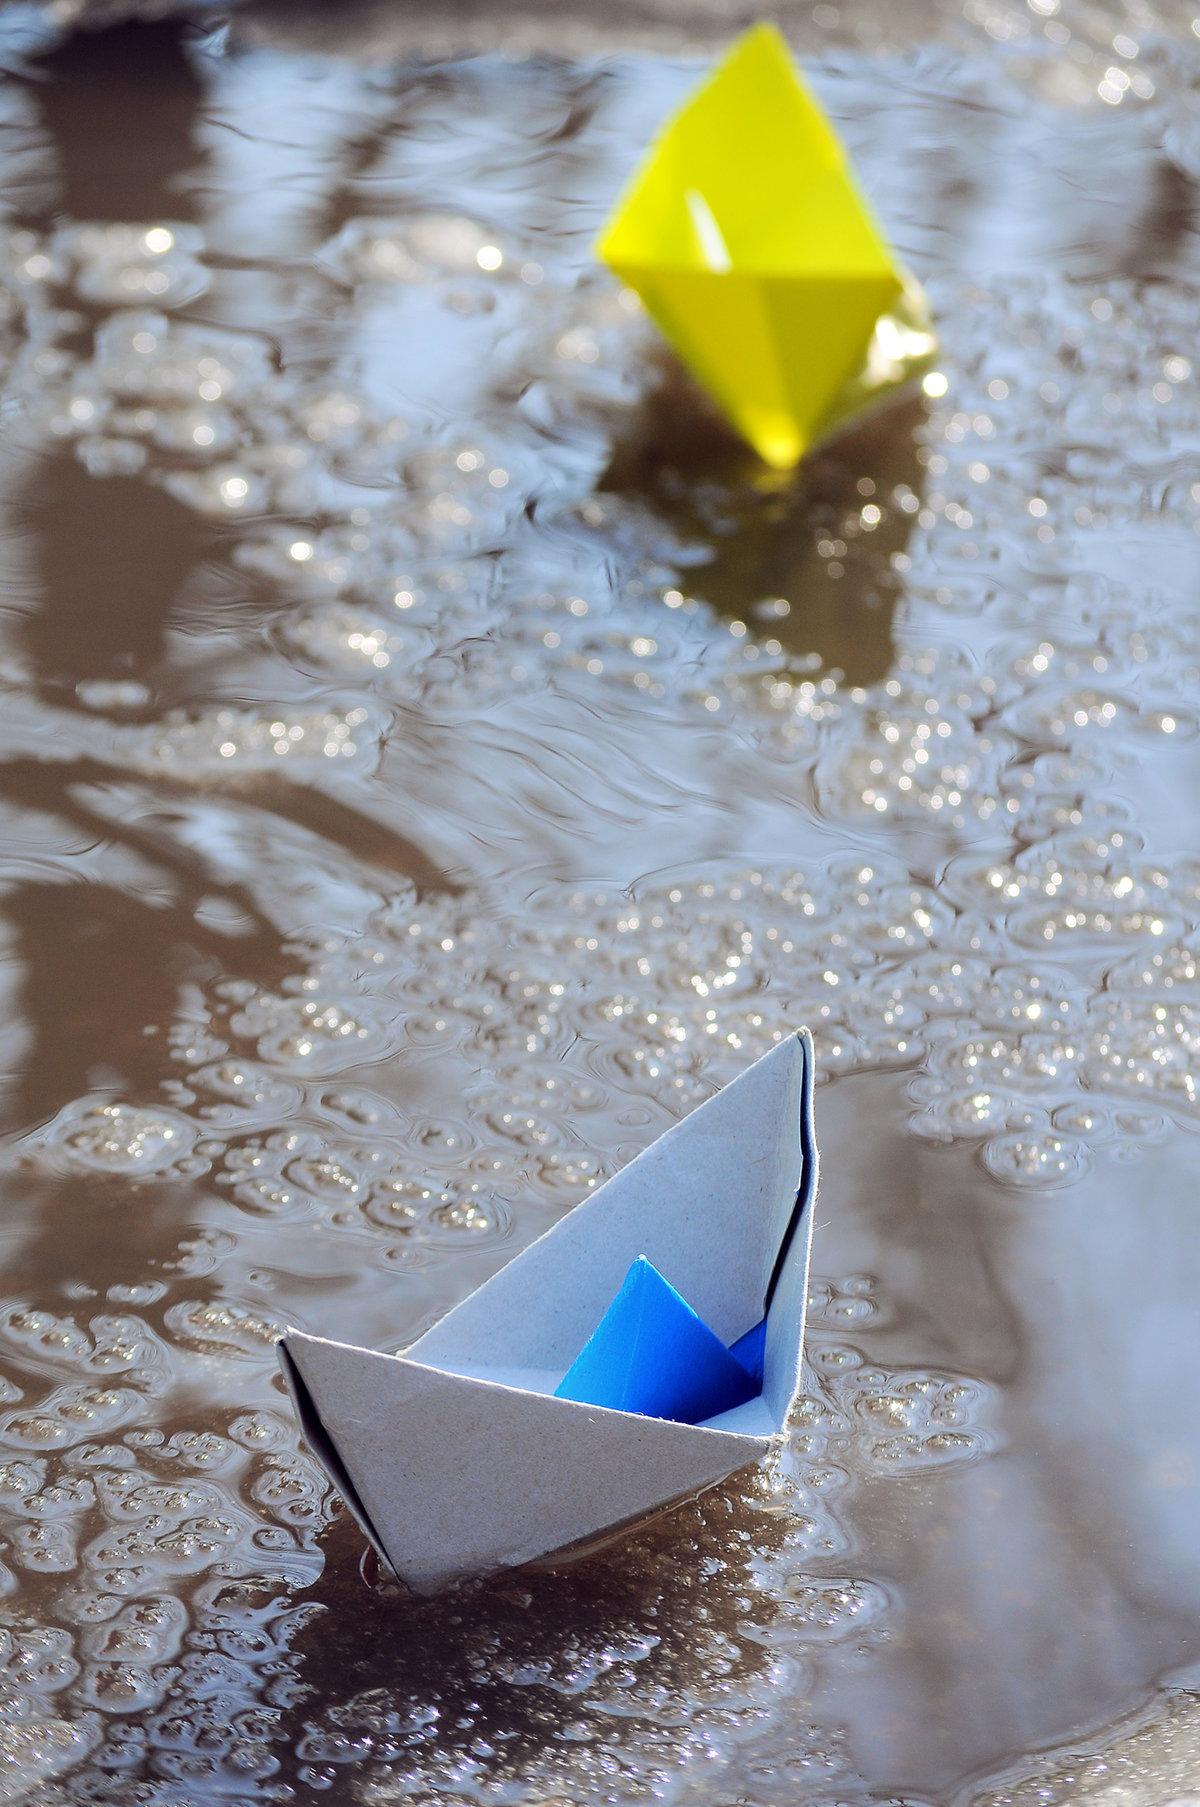 обои интерьере картинка бумажный кораблик в ручейке нотку картине